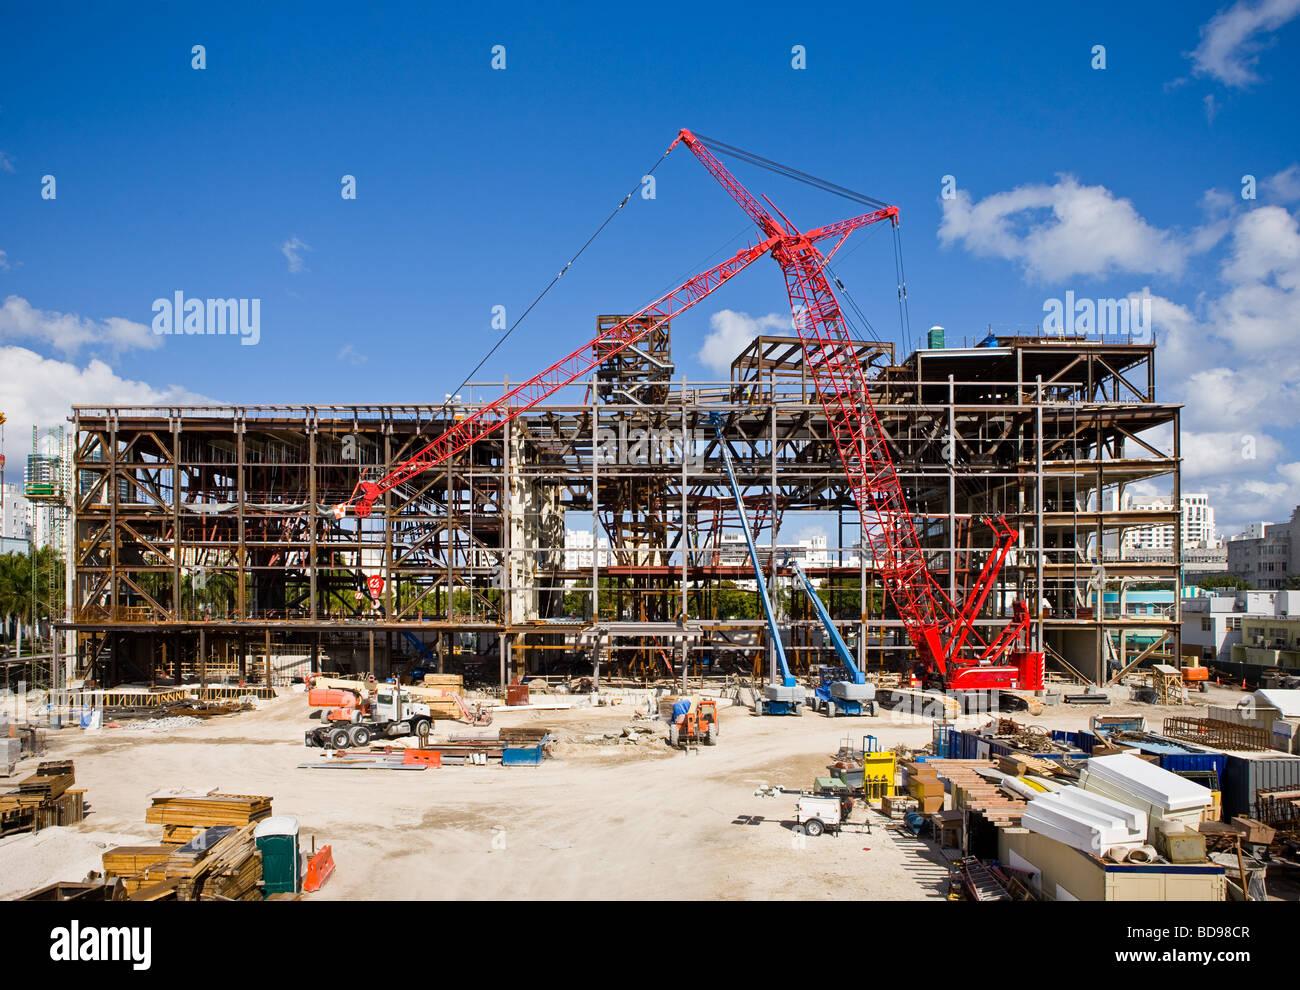 Un sito in costruzione con cielo blu e rosso gru. Tutti i logo e segni e altri diritti di proprietà intellettuale Immagini Stock